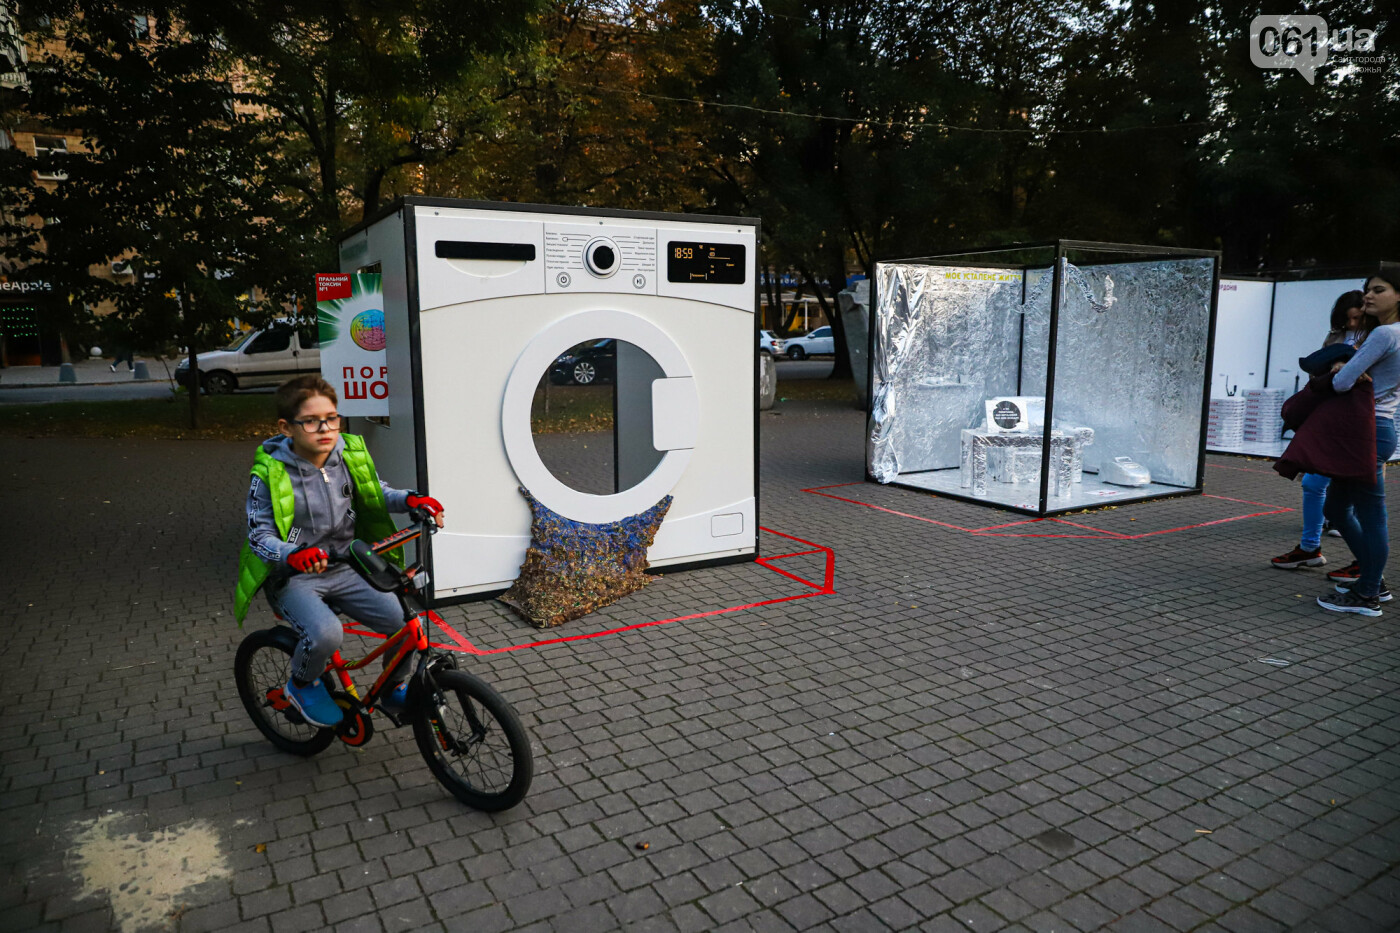 Огромная стиральная машина и комната из фольги: в центре Запорожья открылась эко-выставка, - ФОТОРЕПОРТАЖ , фото-30